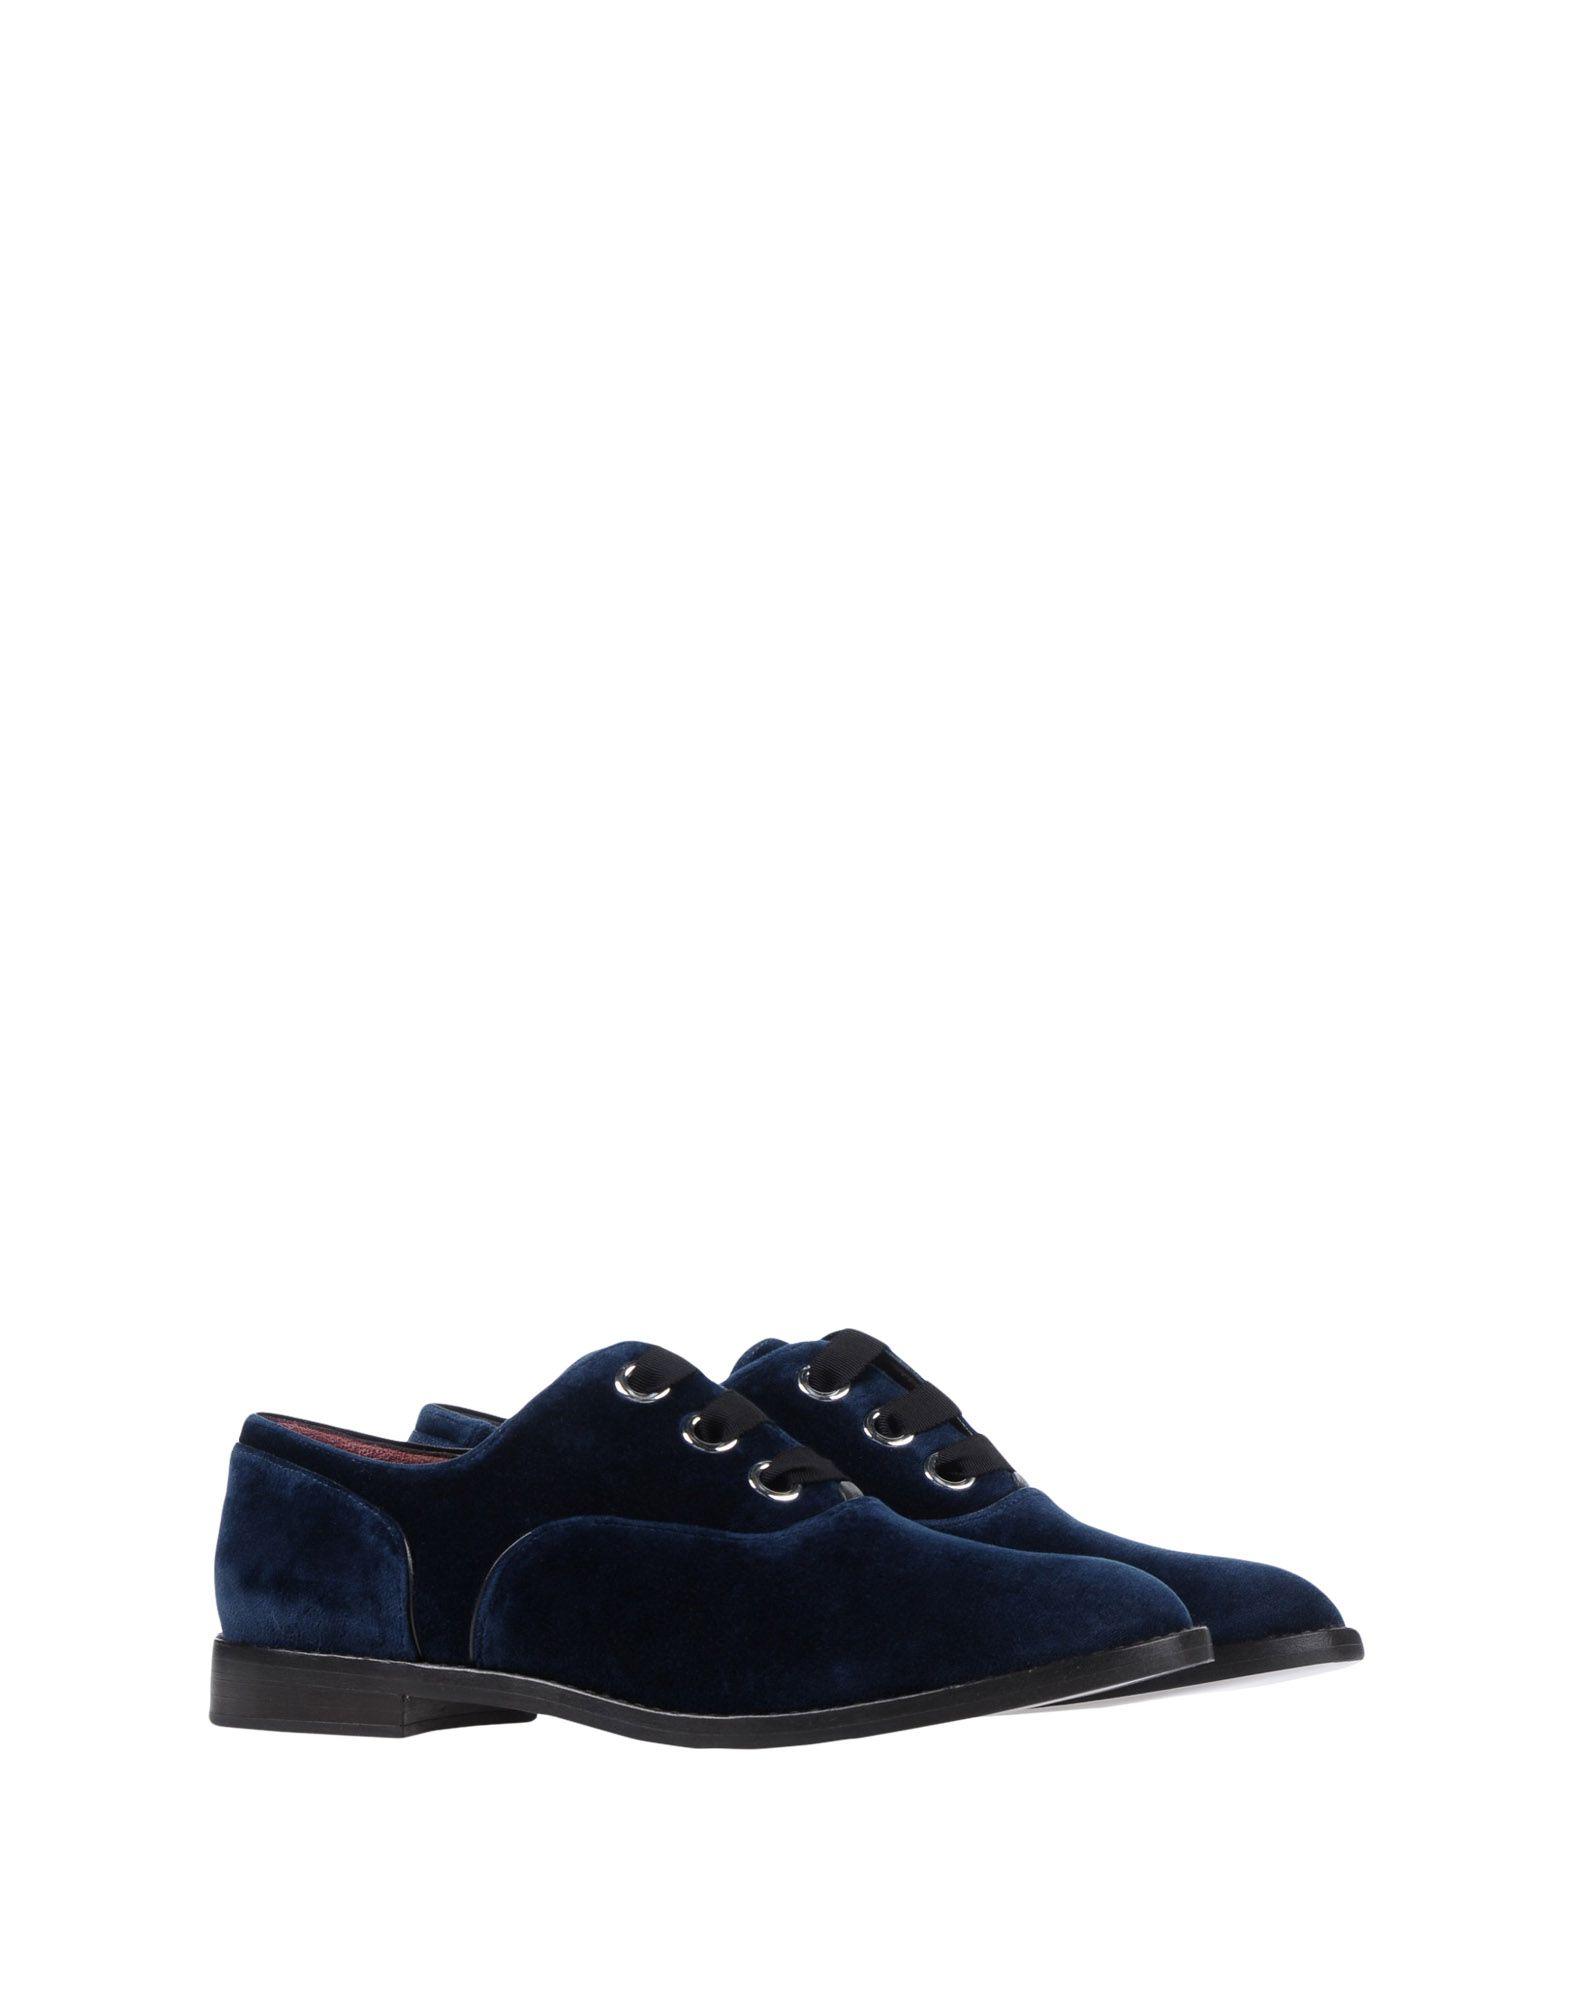 Stilvolle Jacobs billige Schuhe Marc Jacobs Stilvolle Schnürschuhe Damen  11500984NC 2c6ef1